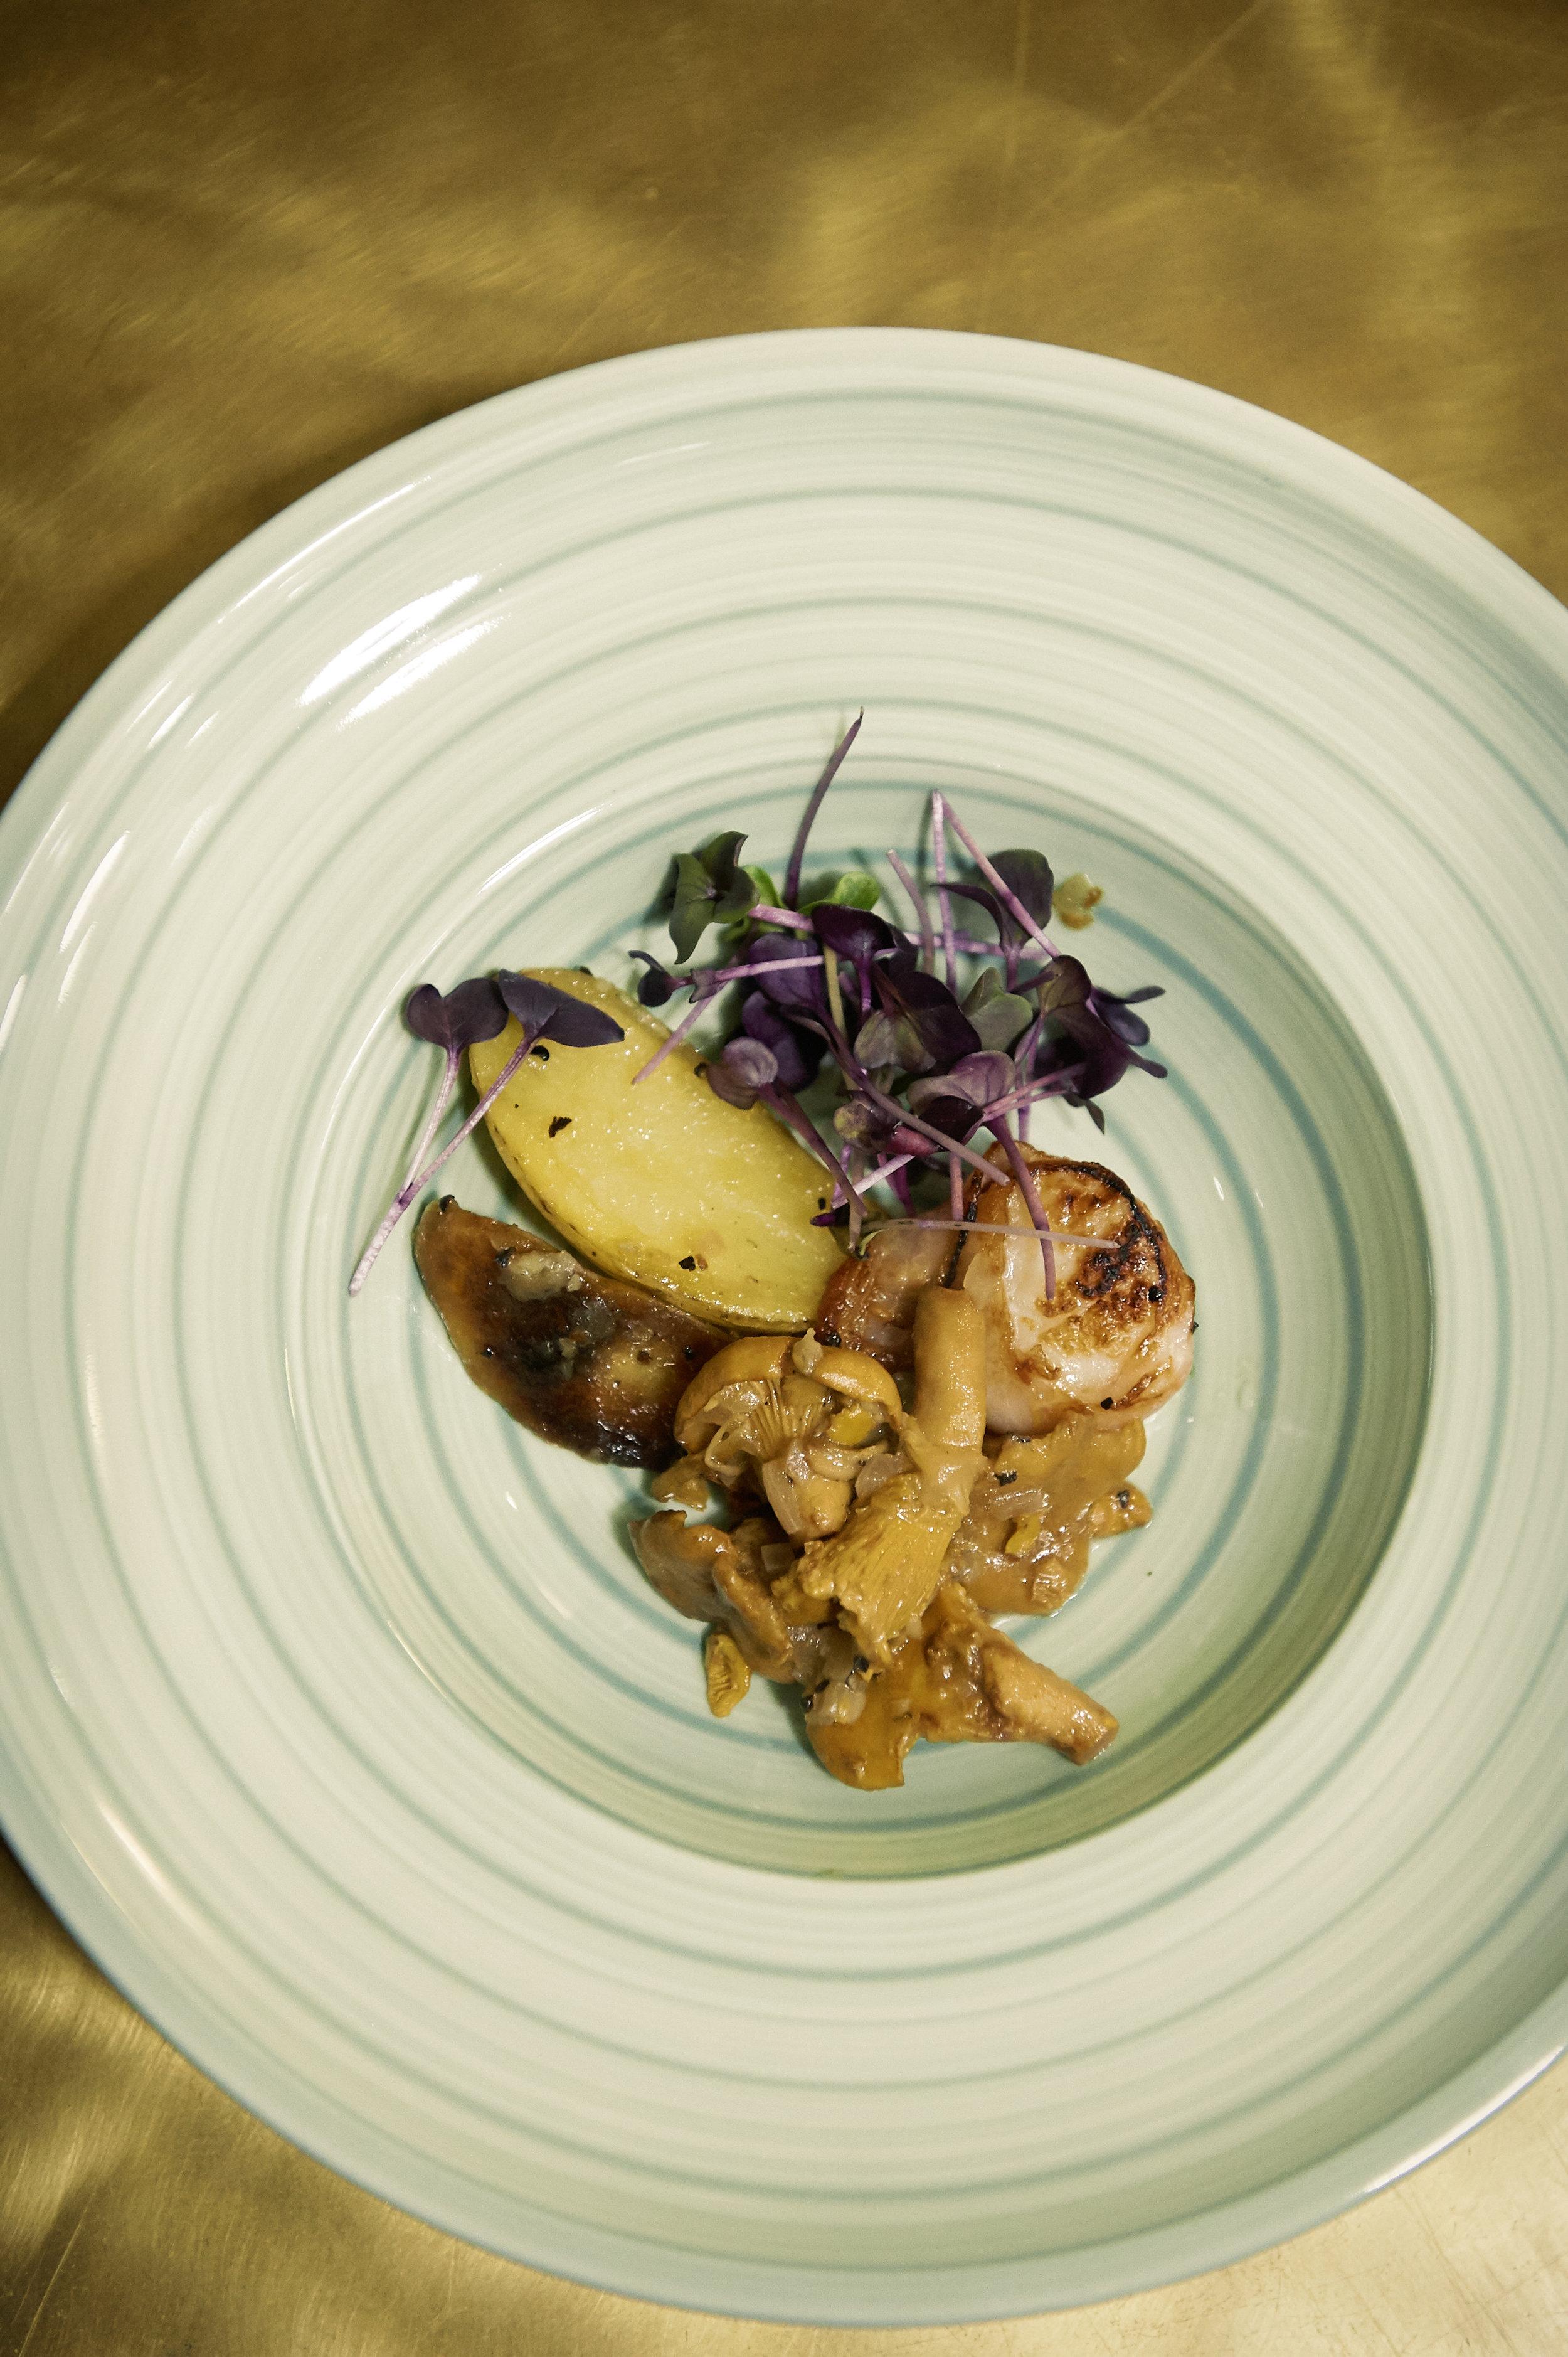 Food_Blog_Meet_Berlin_203 copy.jpg